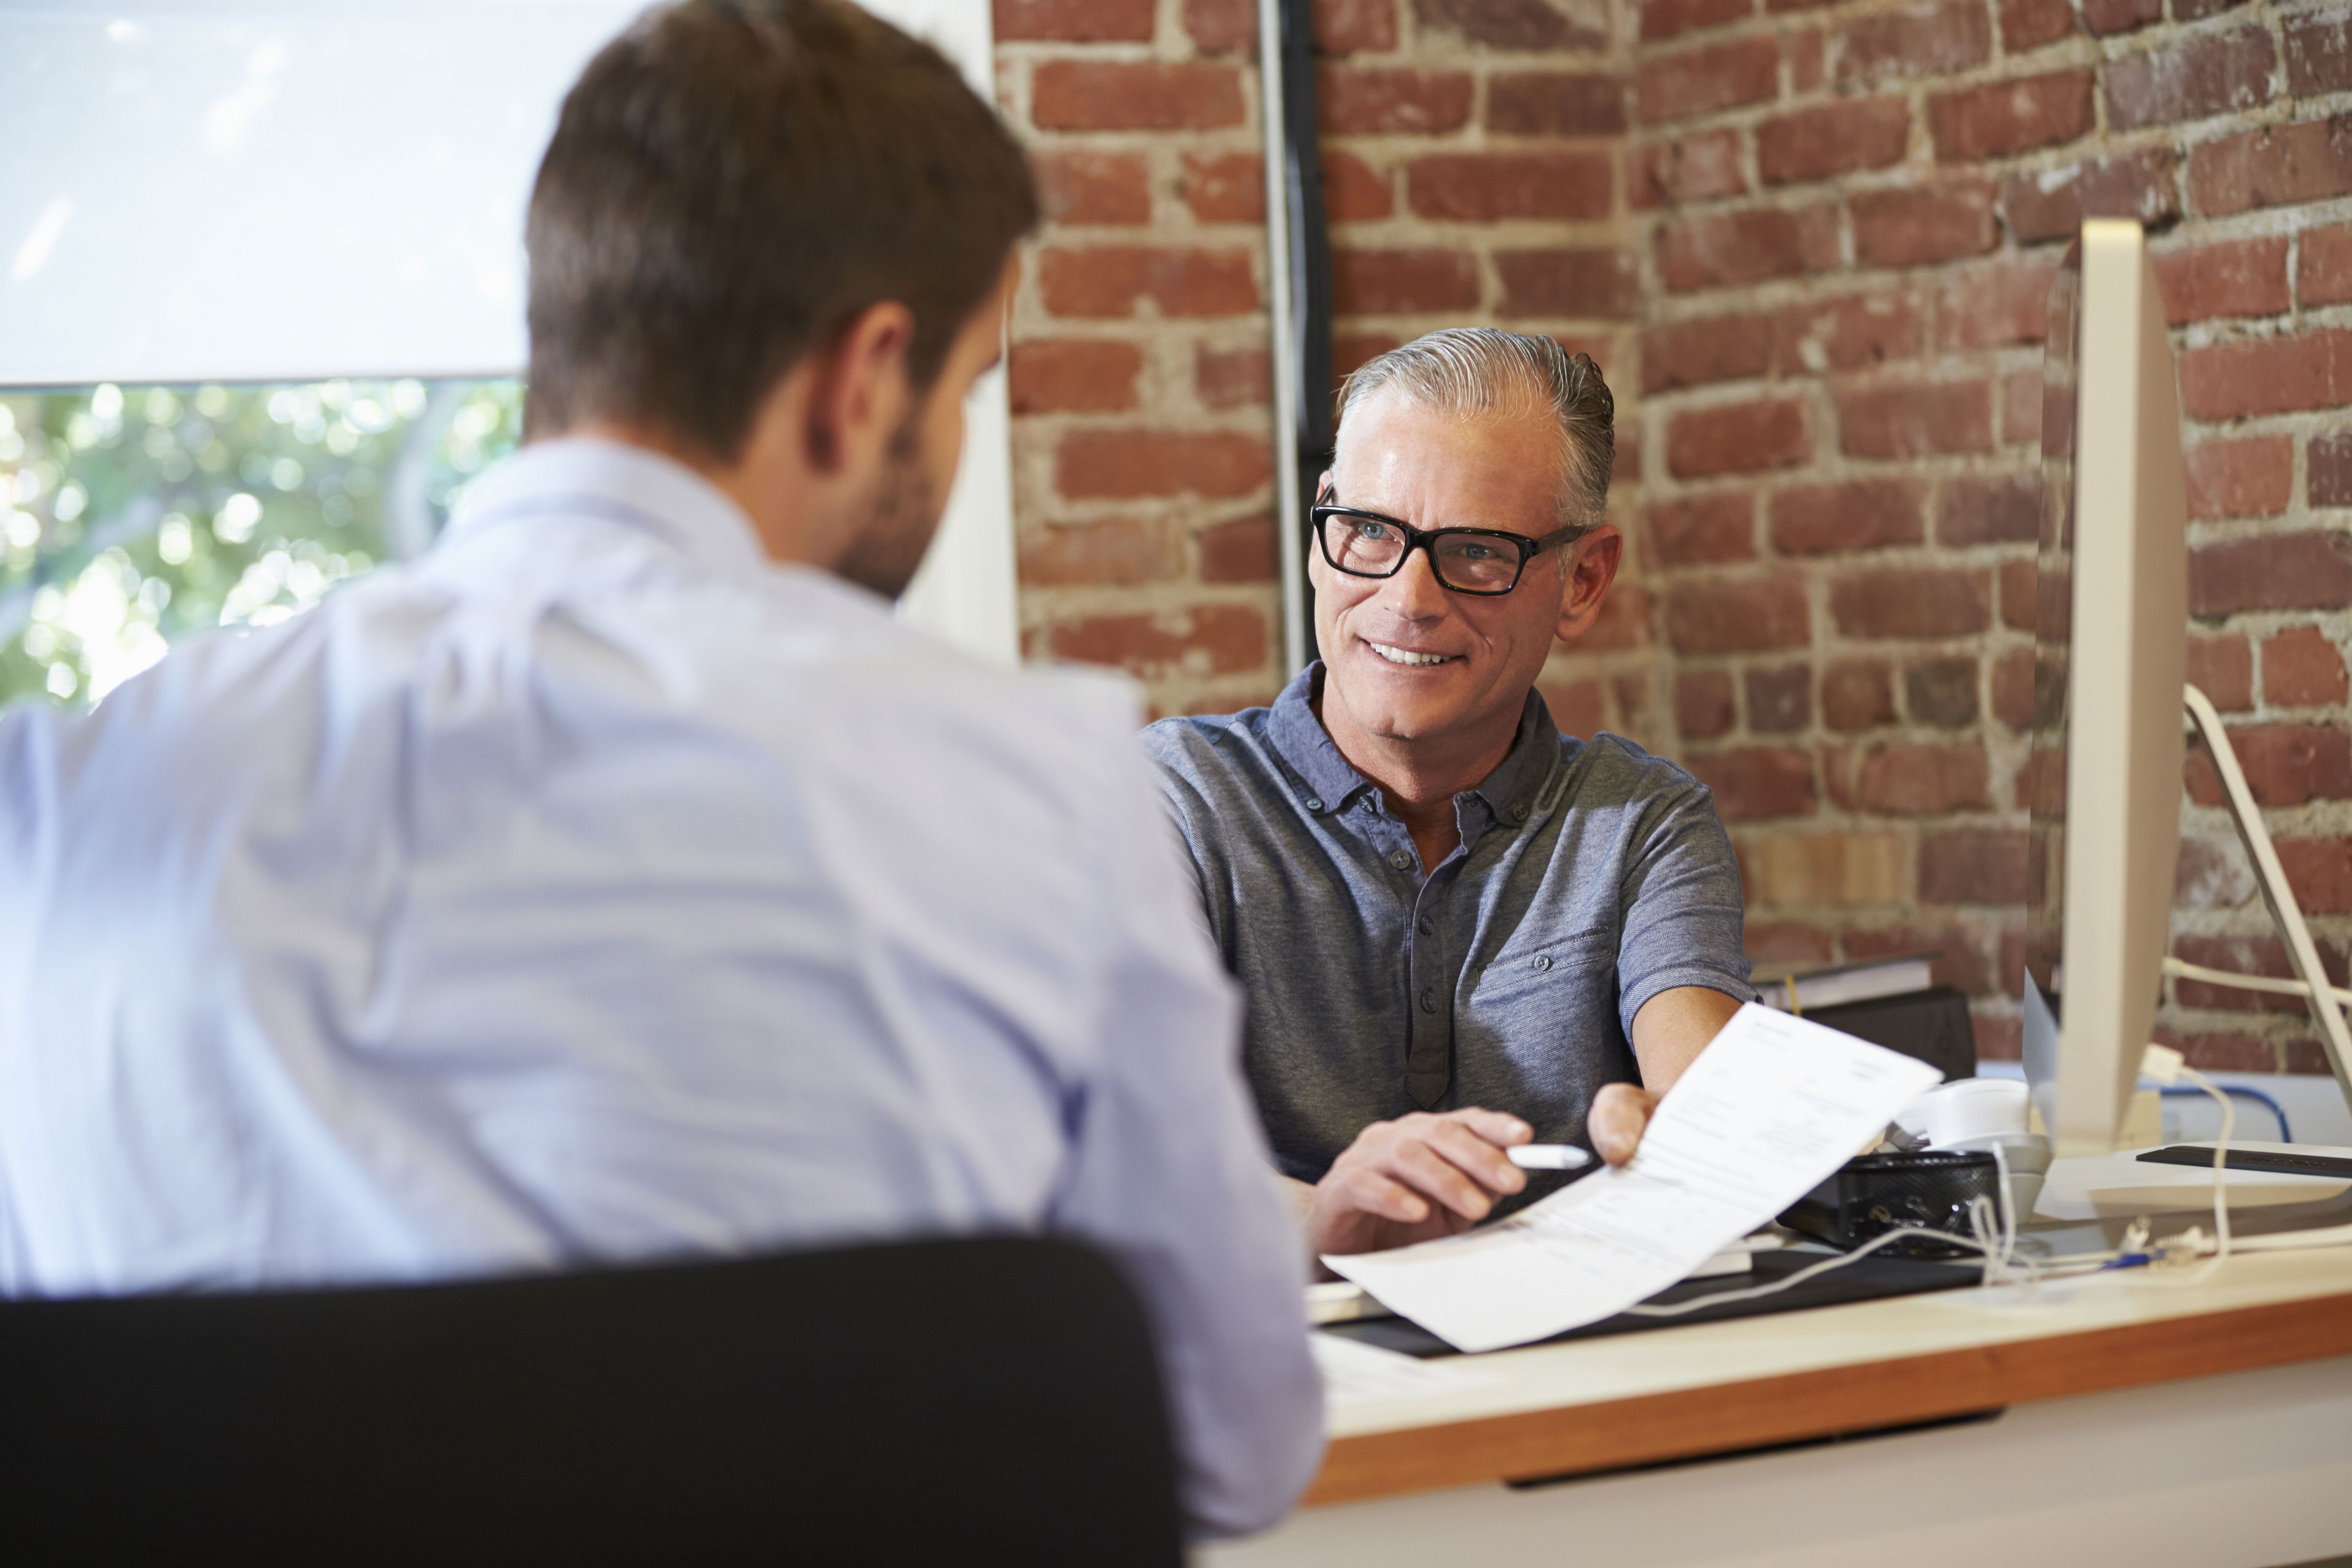 Discuție între un recrutor bărbat și un candidat bărbat.